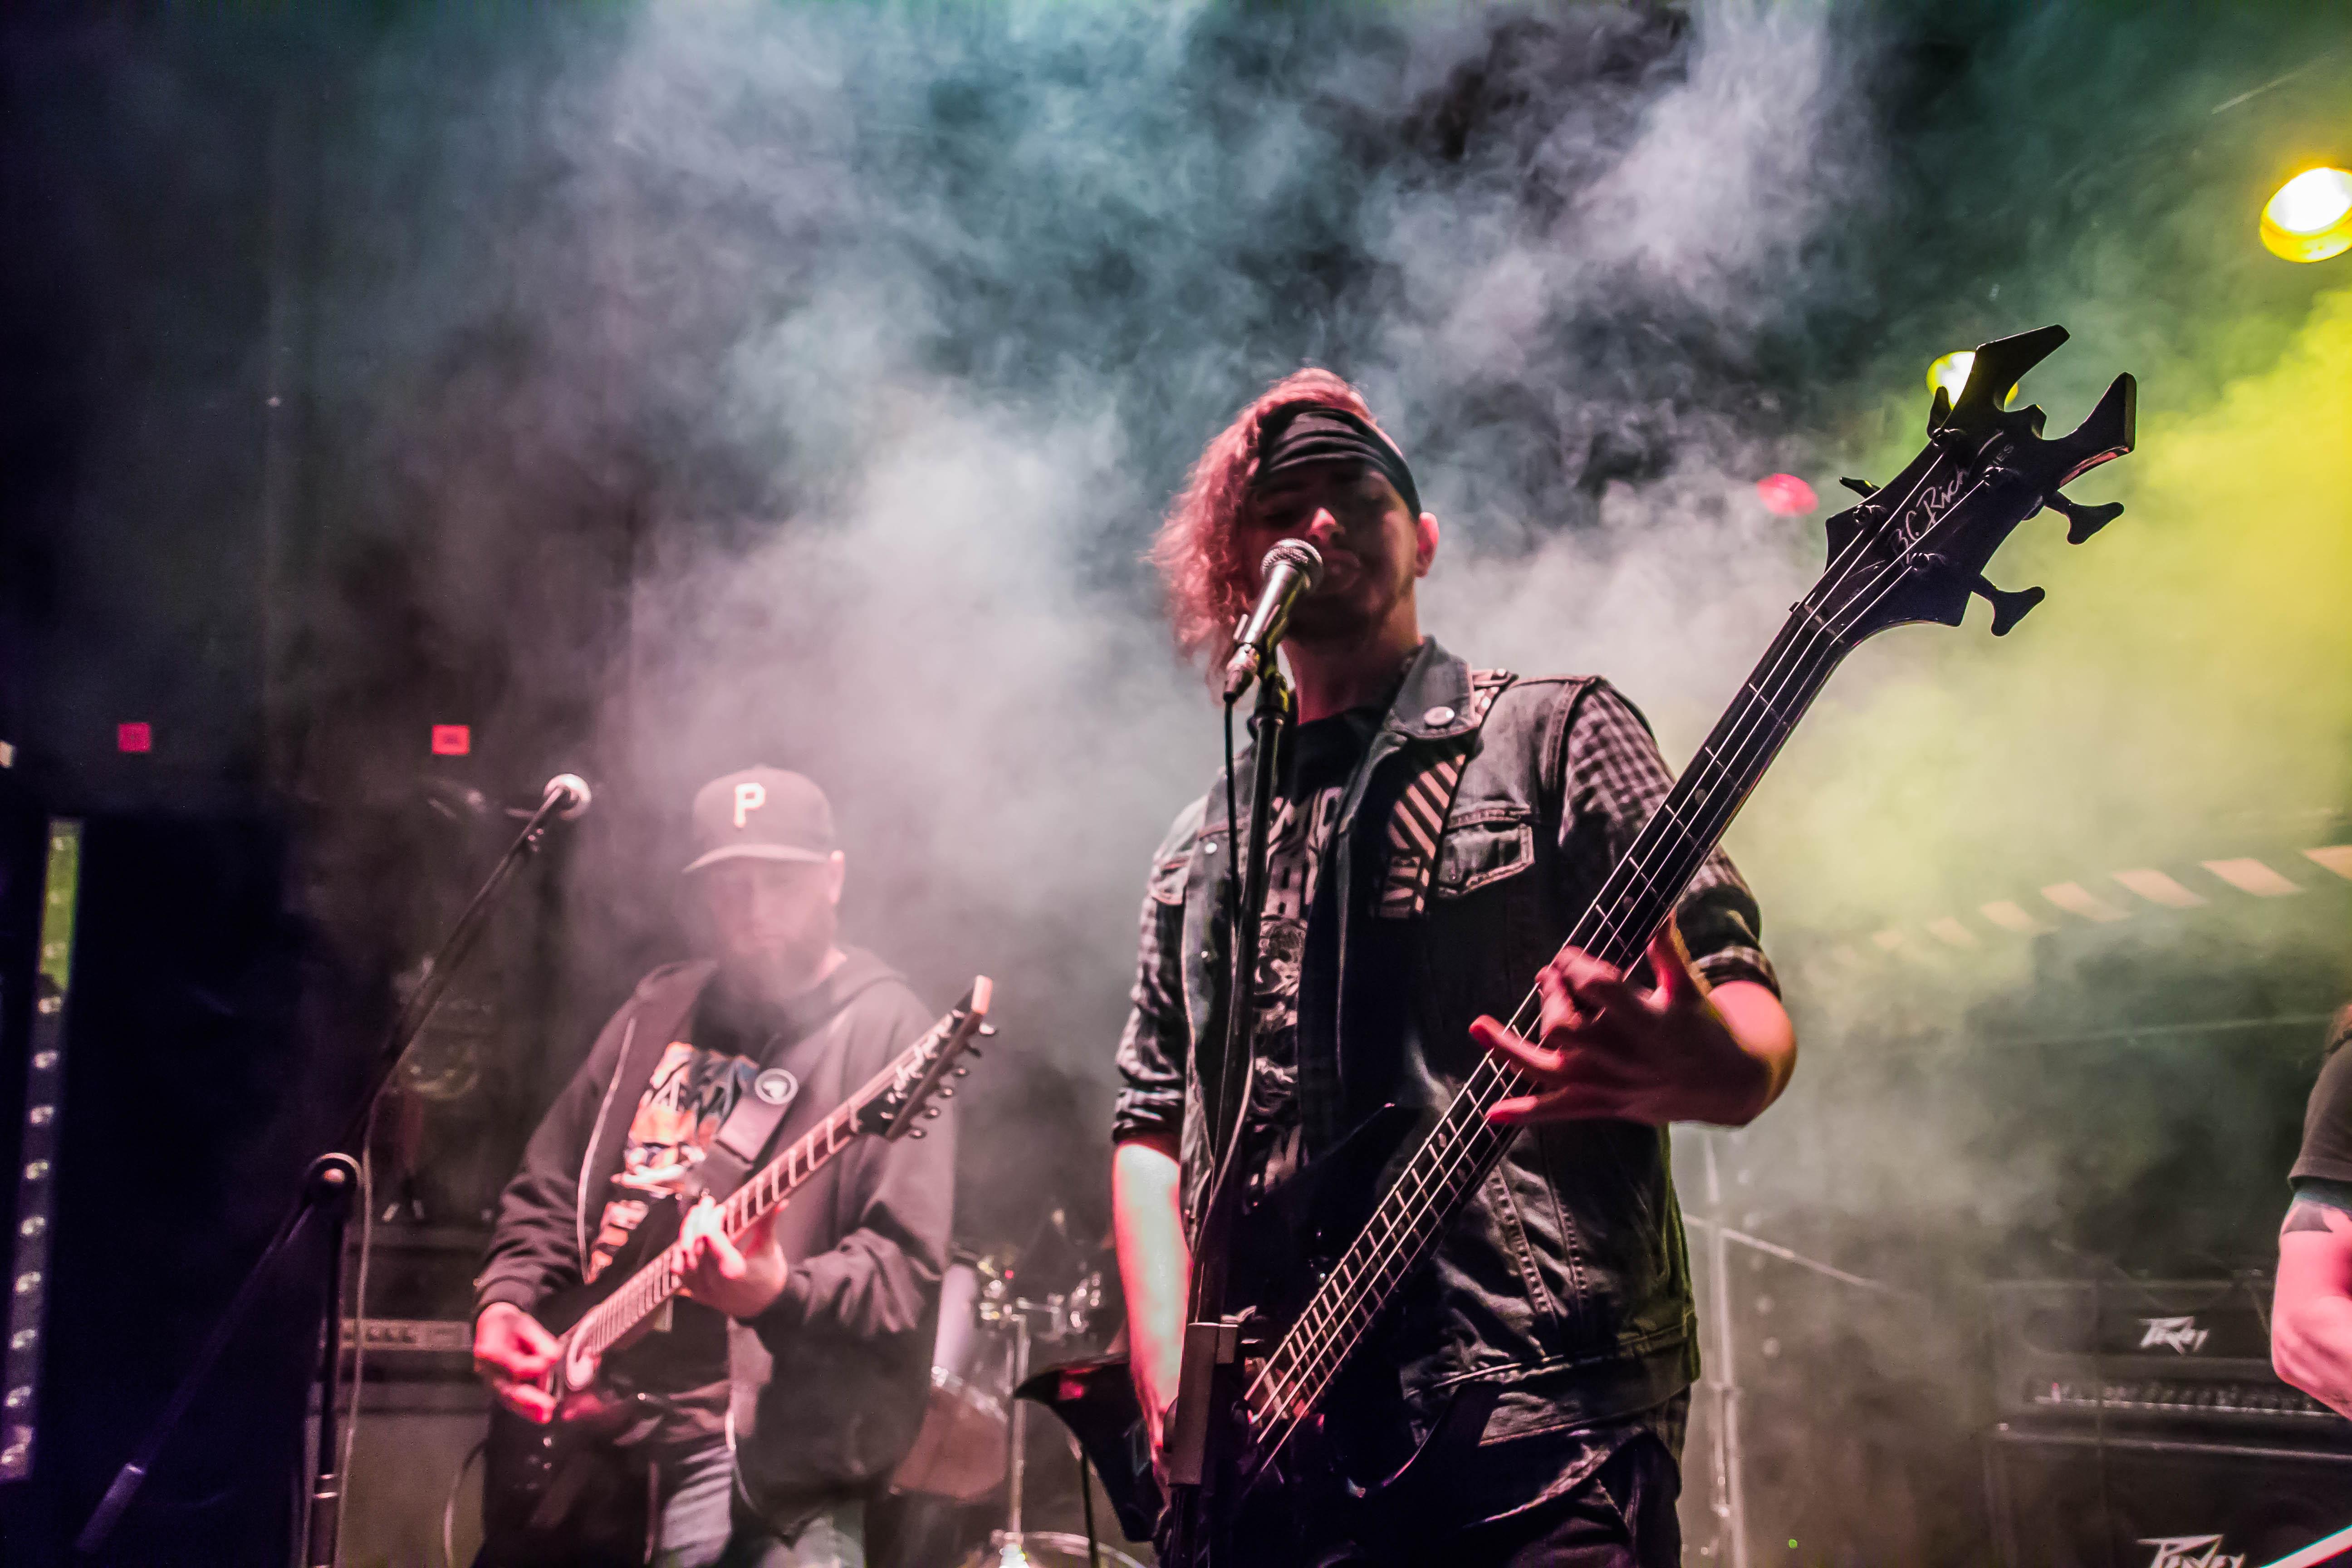 20fae6498d music Canada metal mtl Montreal battle stlaurent familyguy wacken  katacombes bucketlist mutank hiddenpride